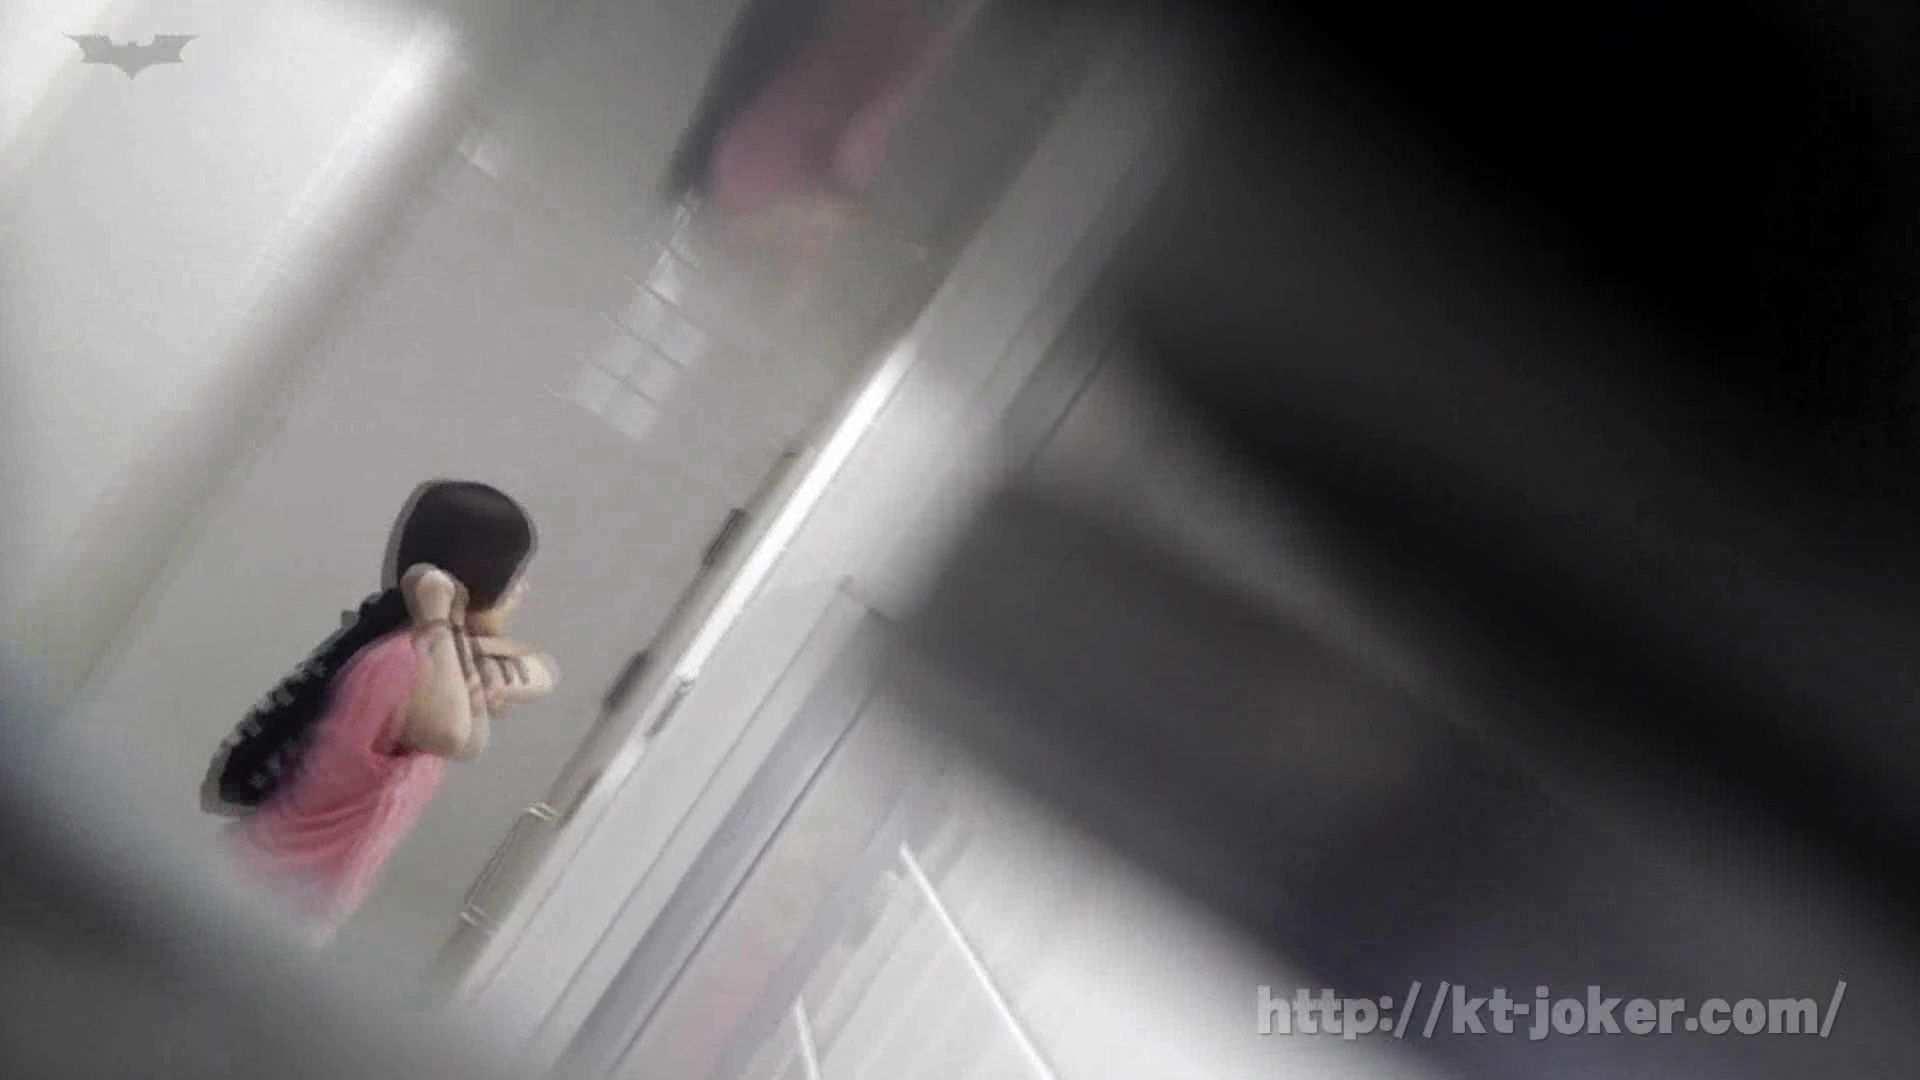 命がけ潜伏洗面所! vol.71 典型的な韓国人美女登場!! 美女ヌード | プライベート  82画像 77